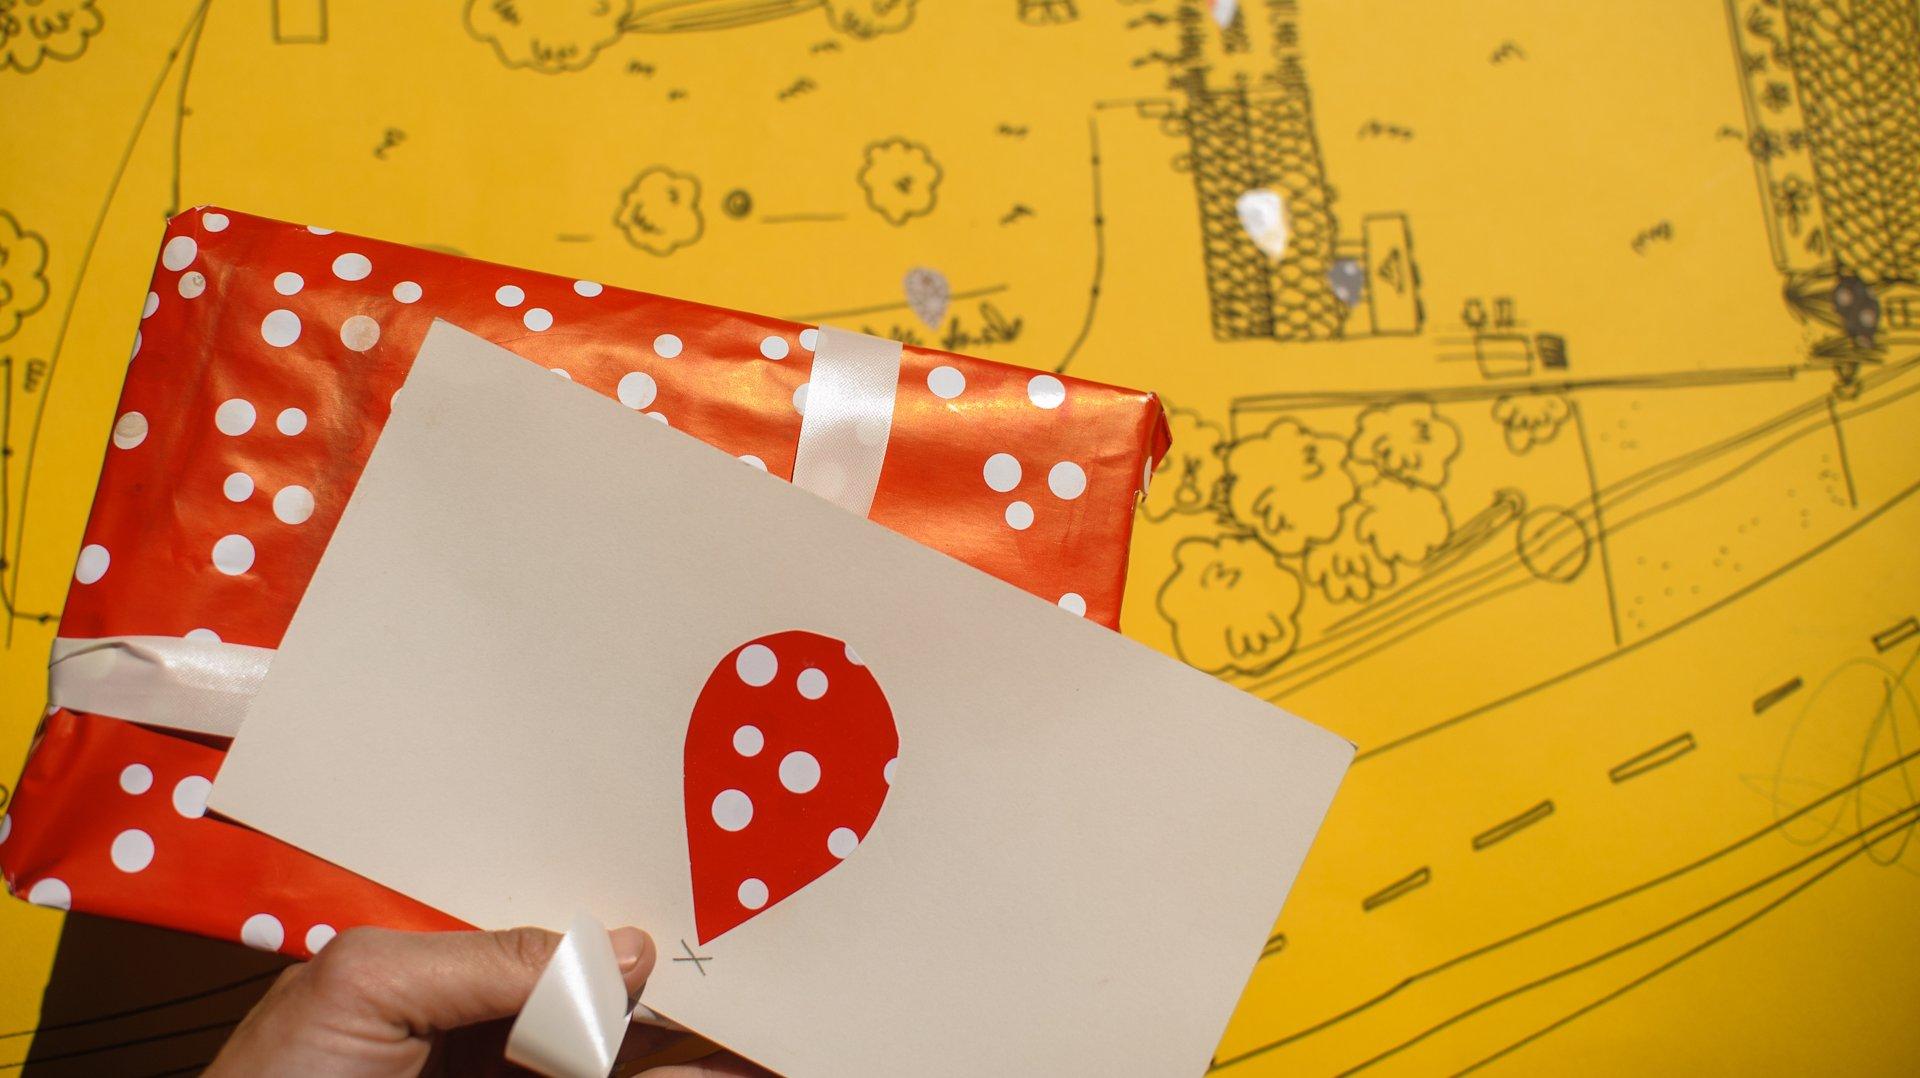 Netradiční darování dárků